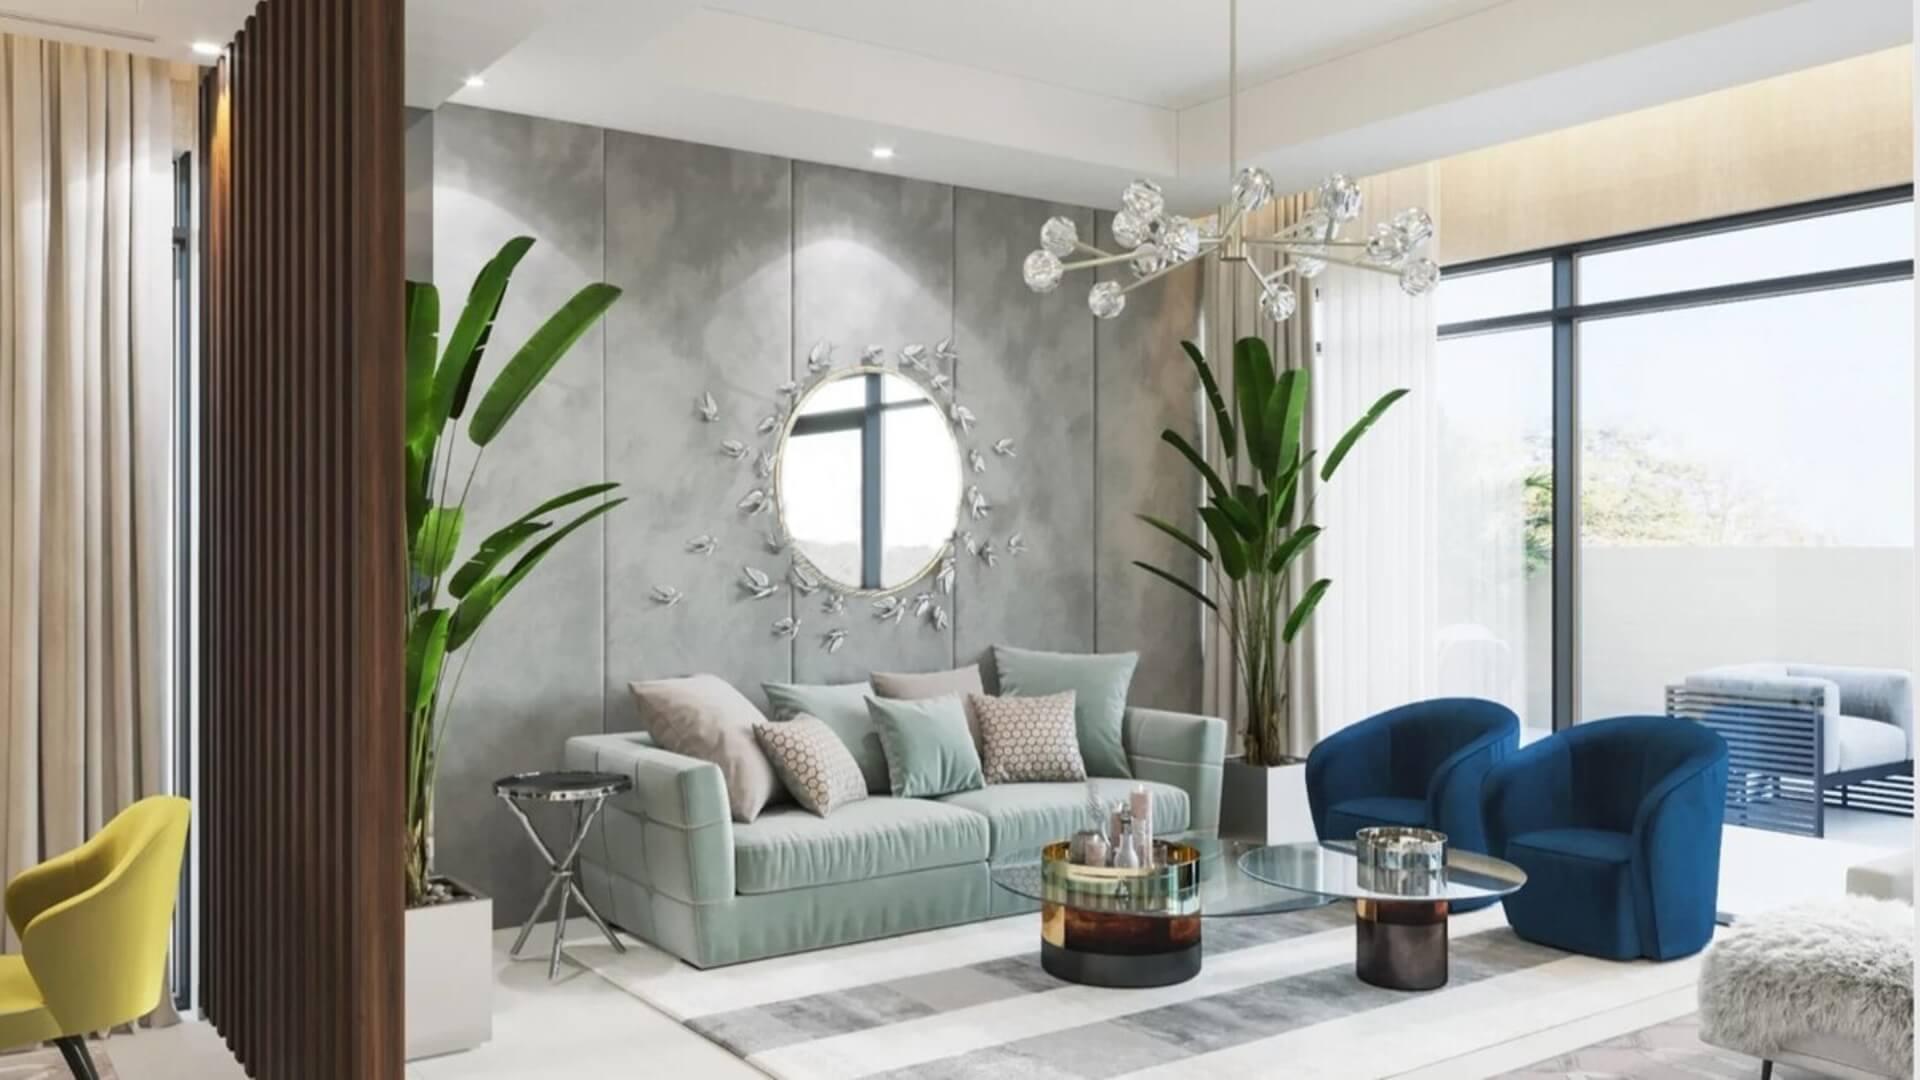 Villa en venta en Dubai, EAU, 3 dormitorios, 270 m2, № 24498 – foto 1